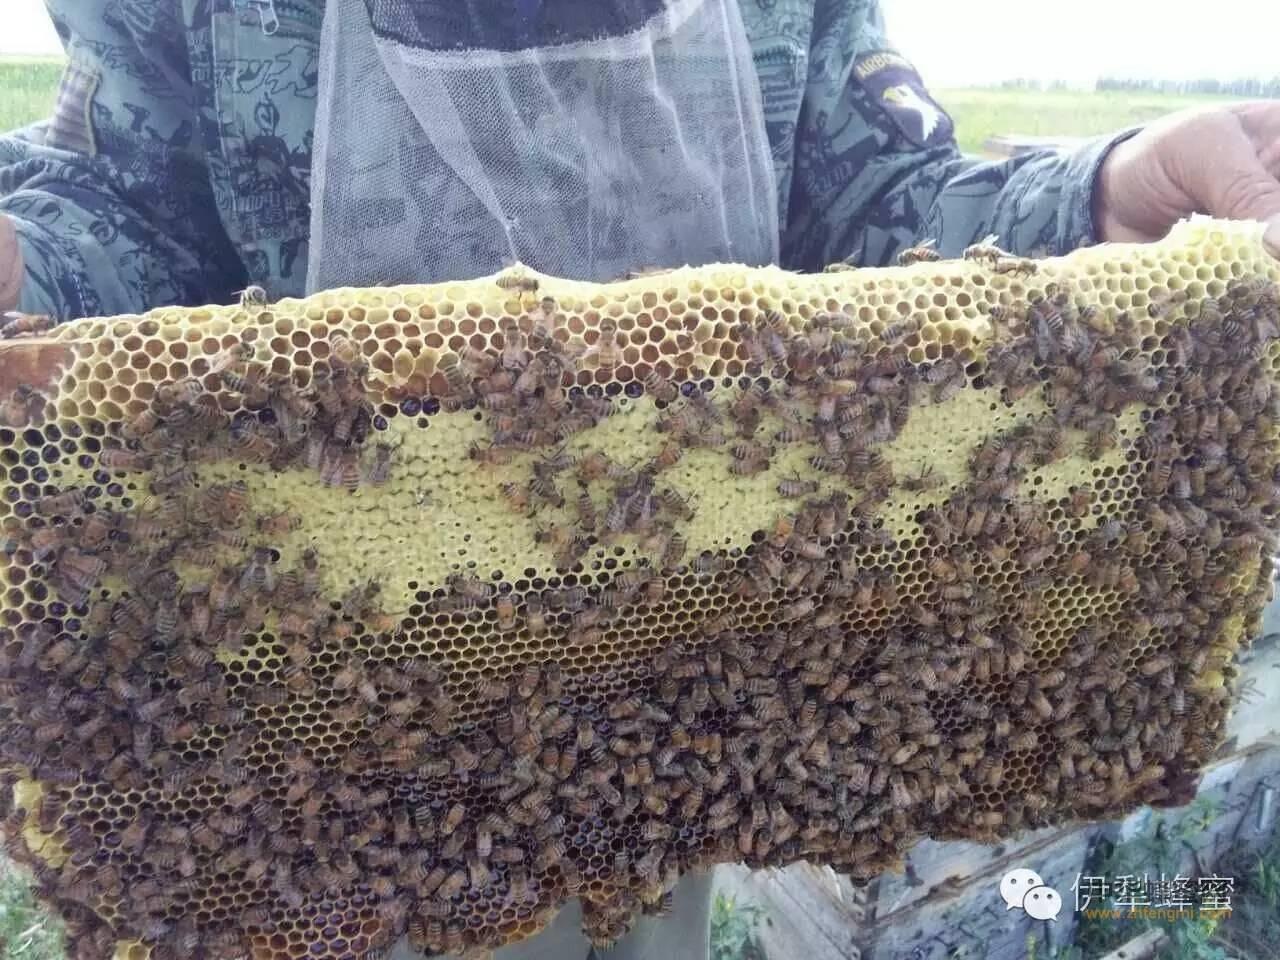 【蜂蜜有什么好处】_絮香·伊犁蜂蜜—26年的良心养蜂人